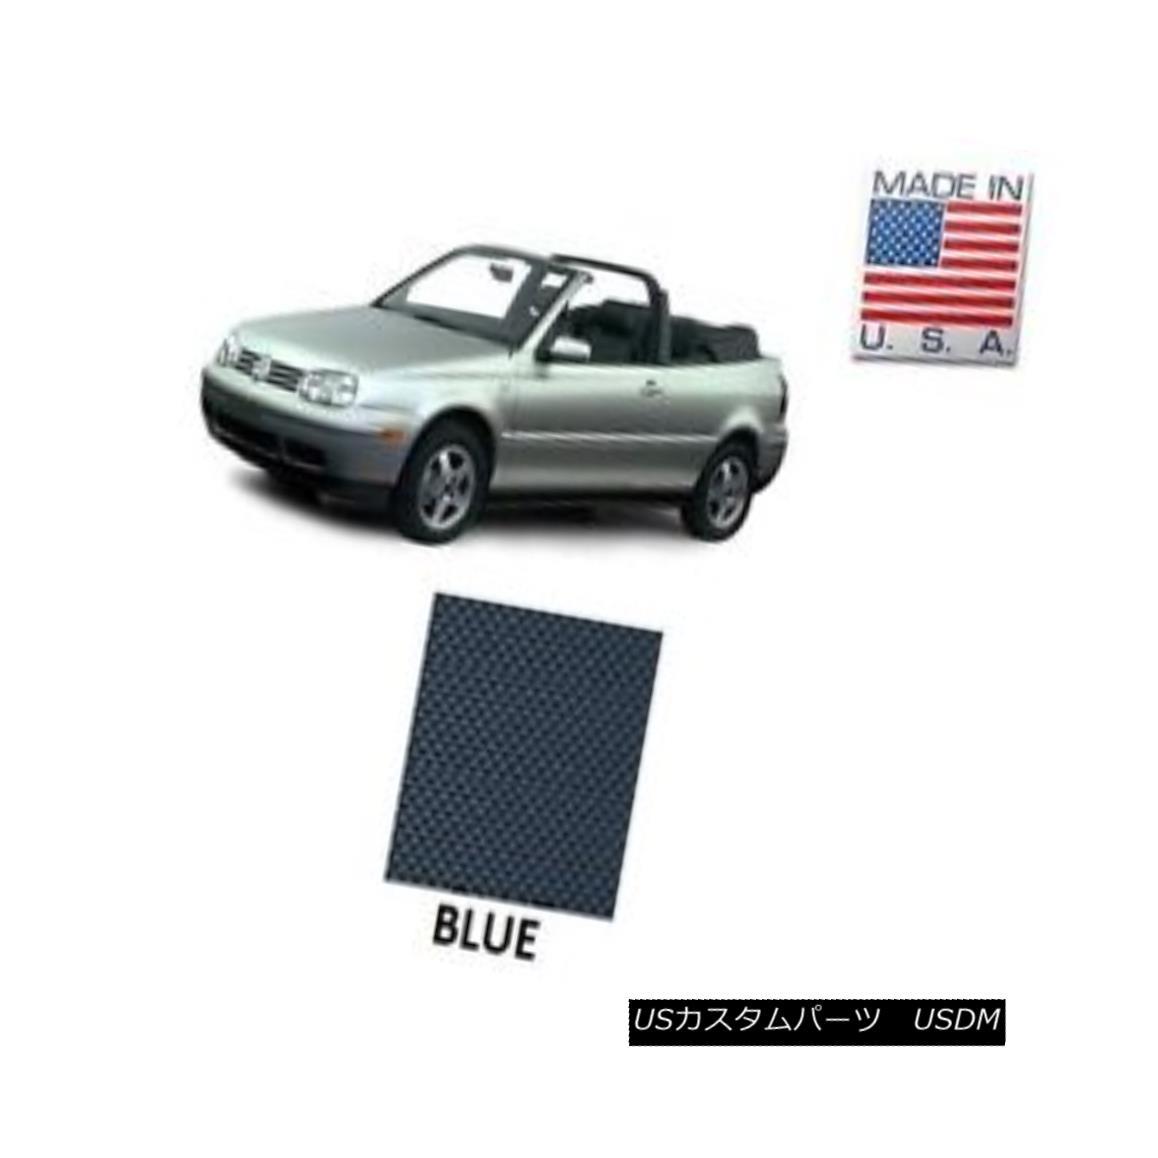 幌・ソフトトップ VW Volkswagen Golf Cabrio Cabriolet 1995-2001 Convertible Soft Top BLUE Vinyl VWフォルクスワーゲンゴルフCabrio Cabriolet 1995-2001コンバーチブルソフトトップBLUE Vinyl